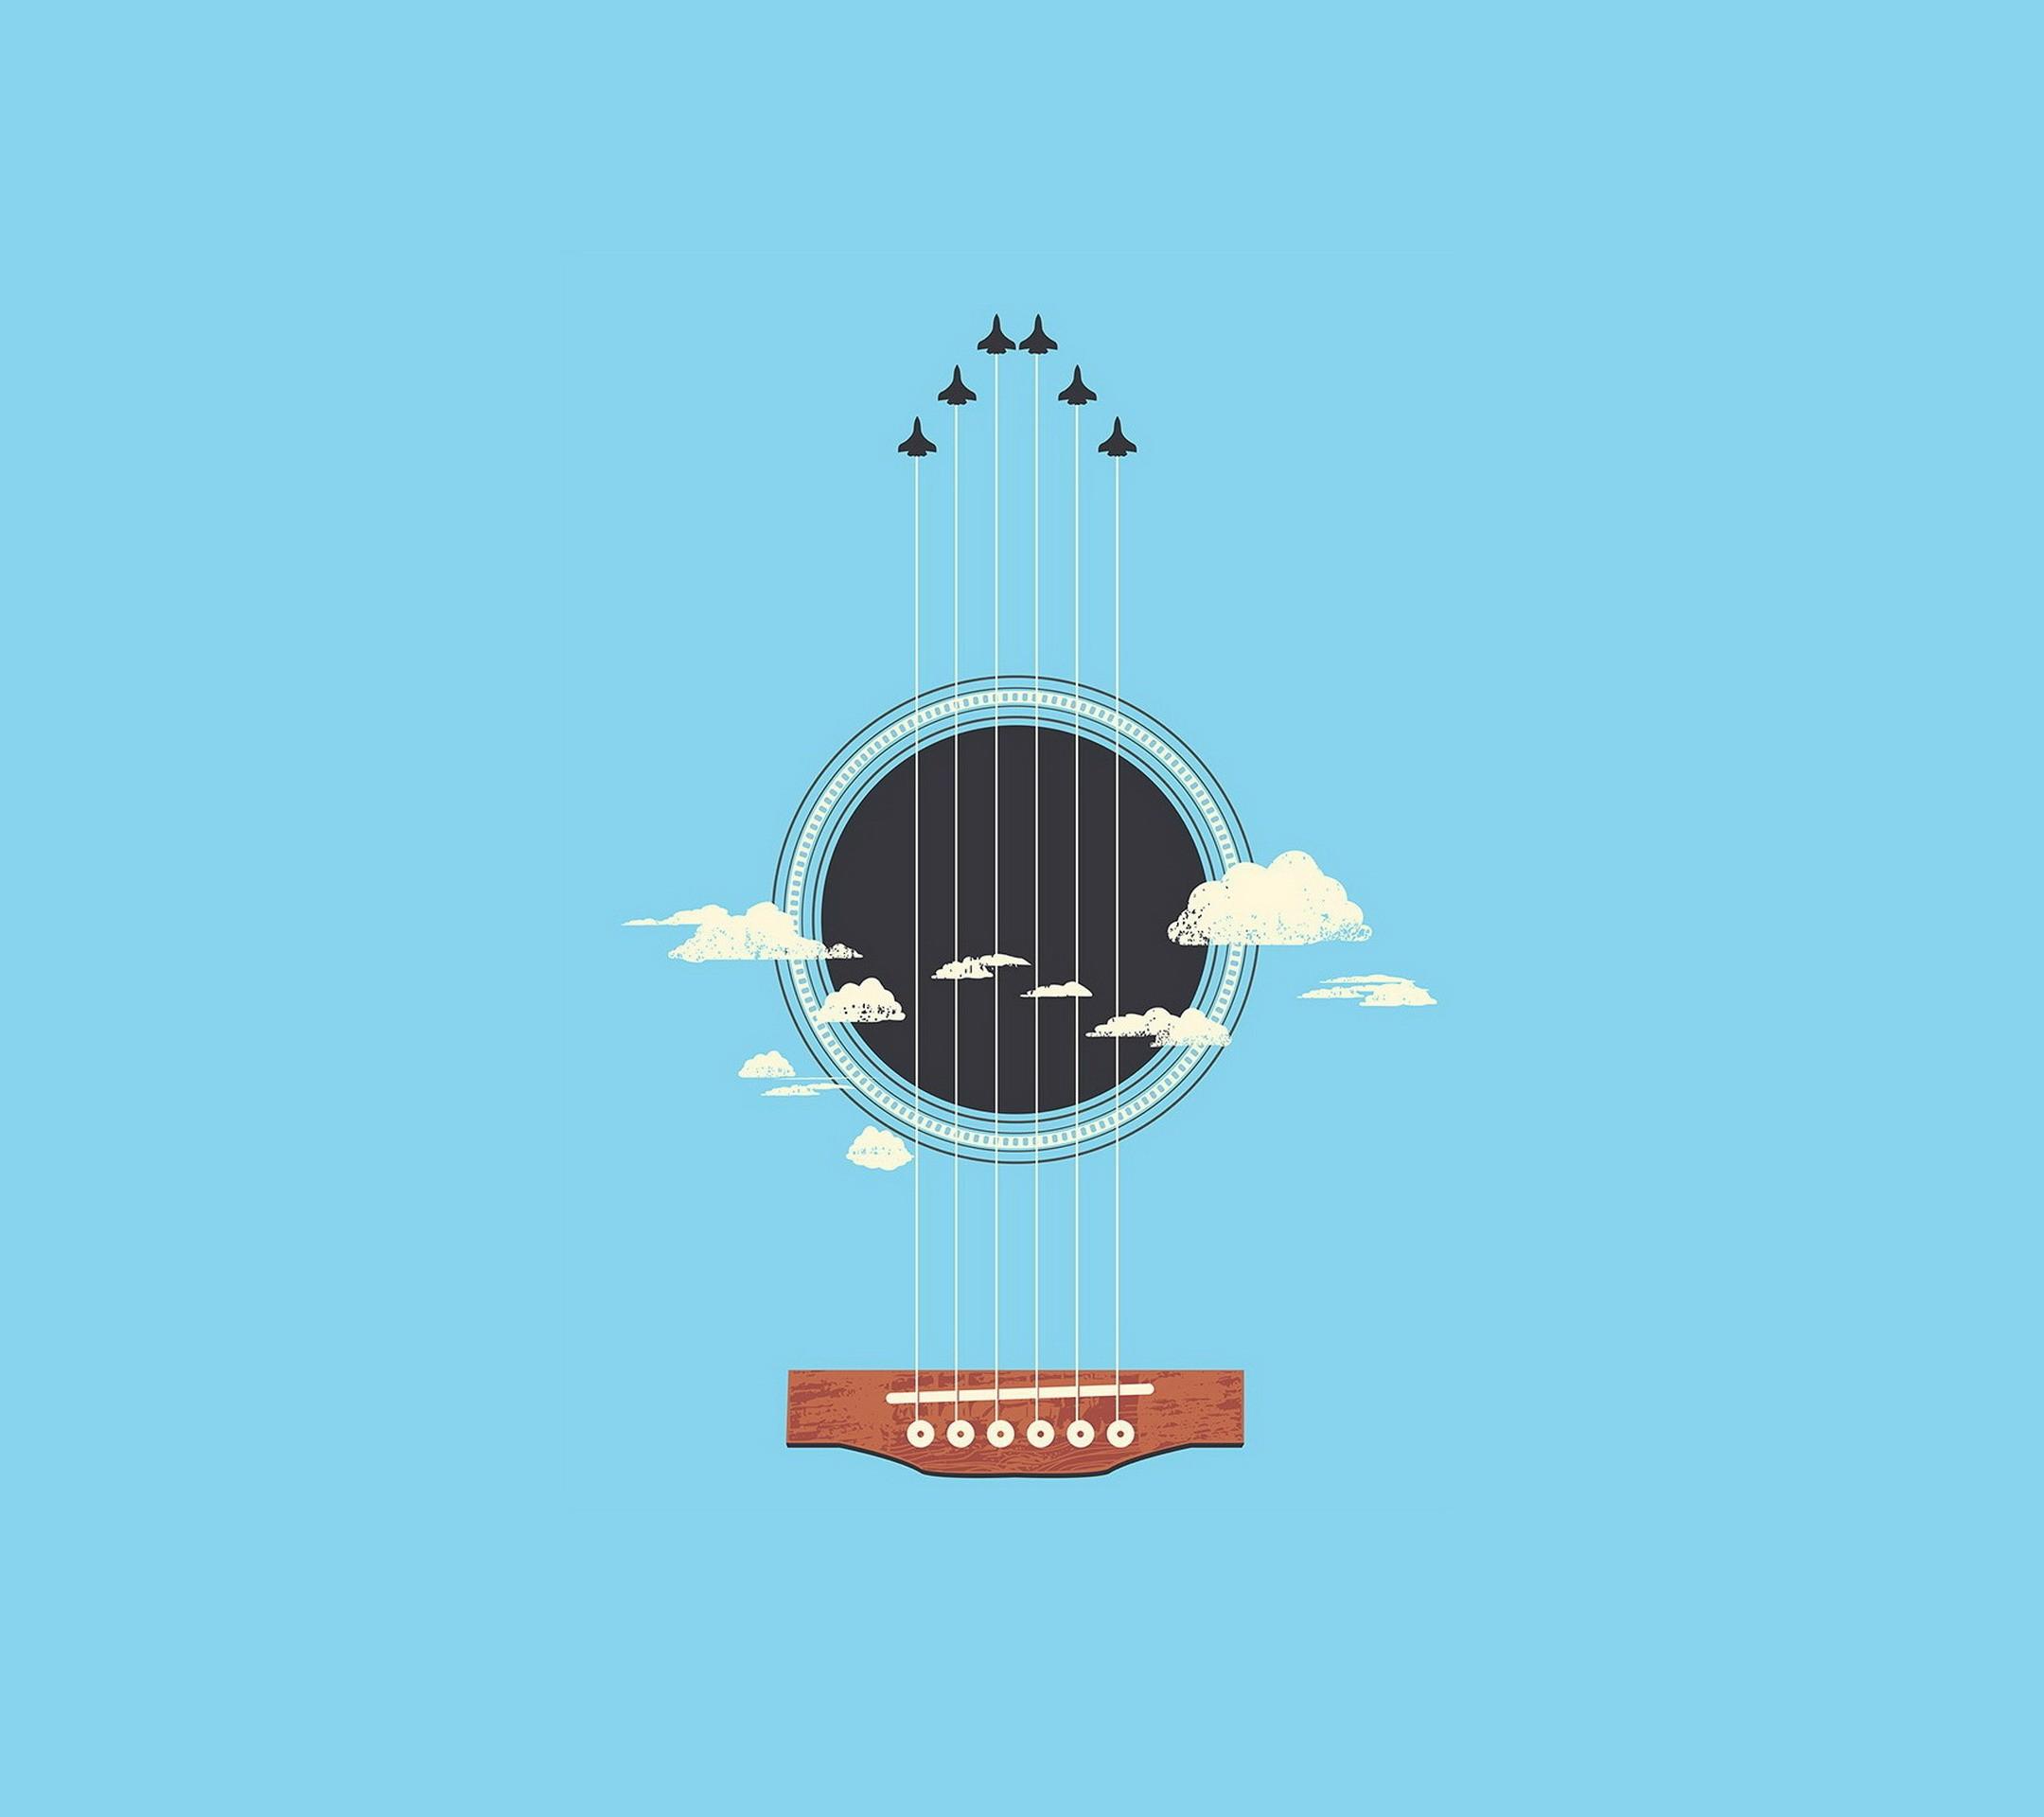 94+ Gambar Alat Musik Versi Kartun Paling Keren